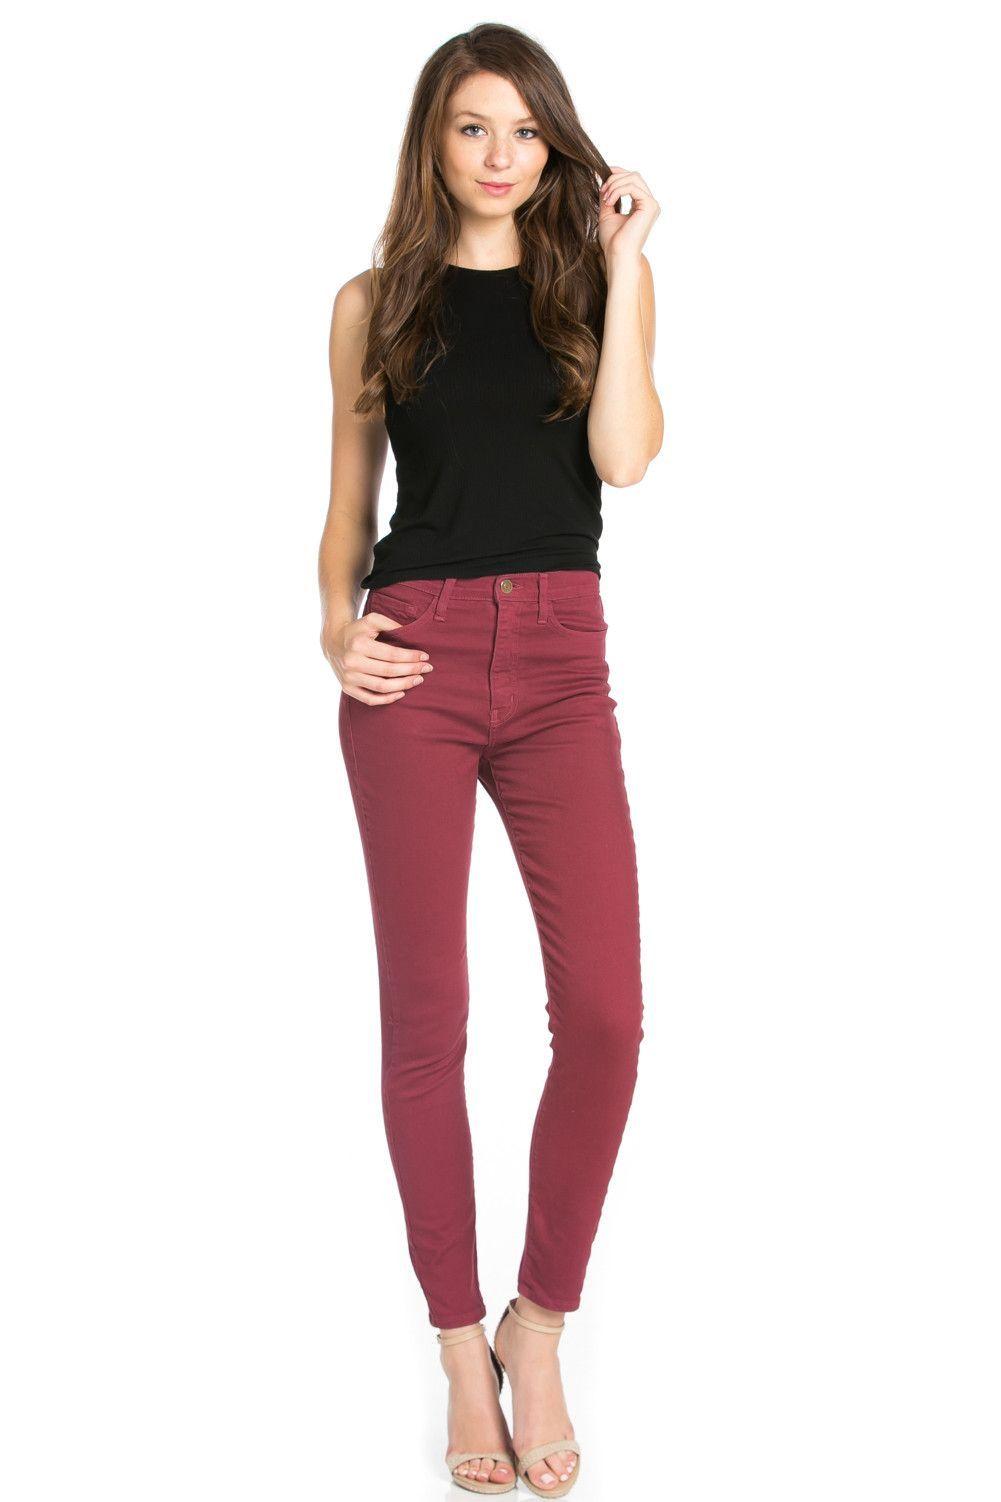 O2 Denim Solid High Waisted Vintage Jeans - Burgundy